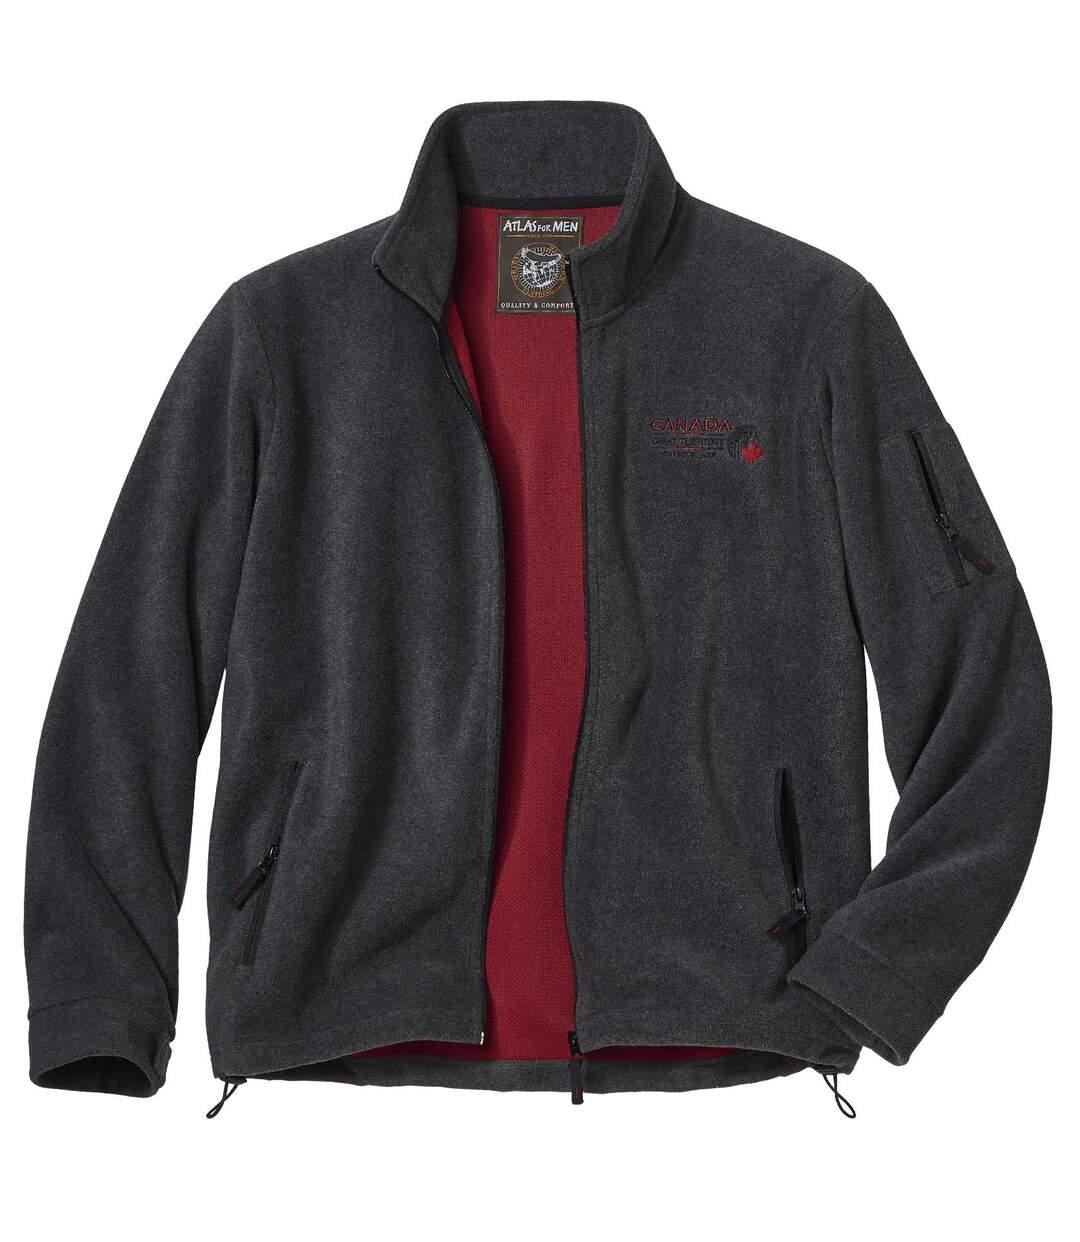 Men's Grey Full Zip Fleece Jacket